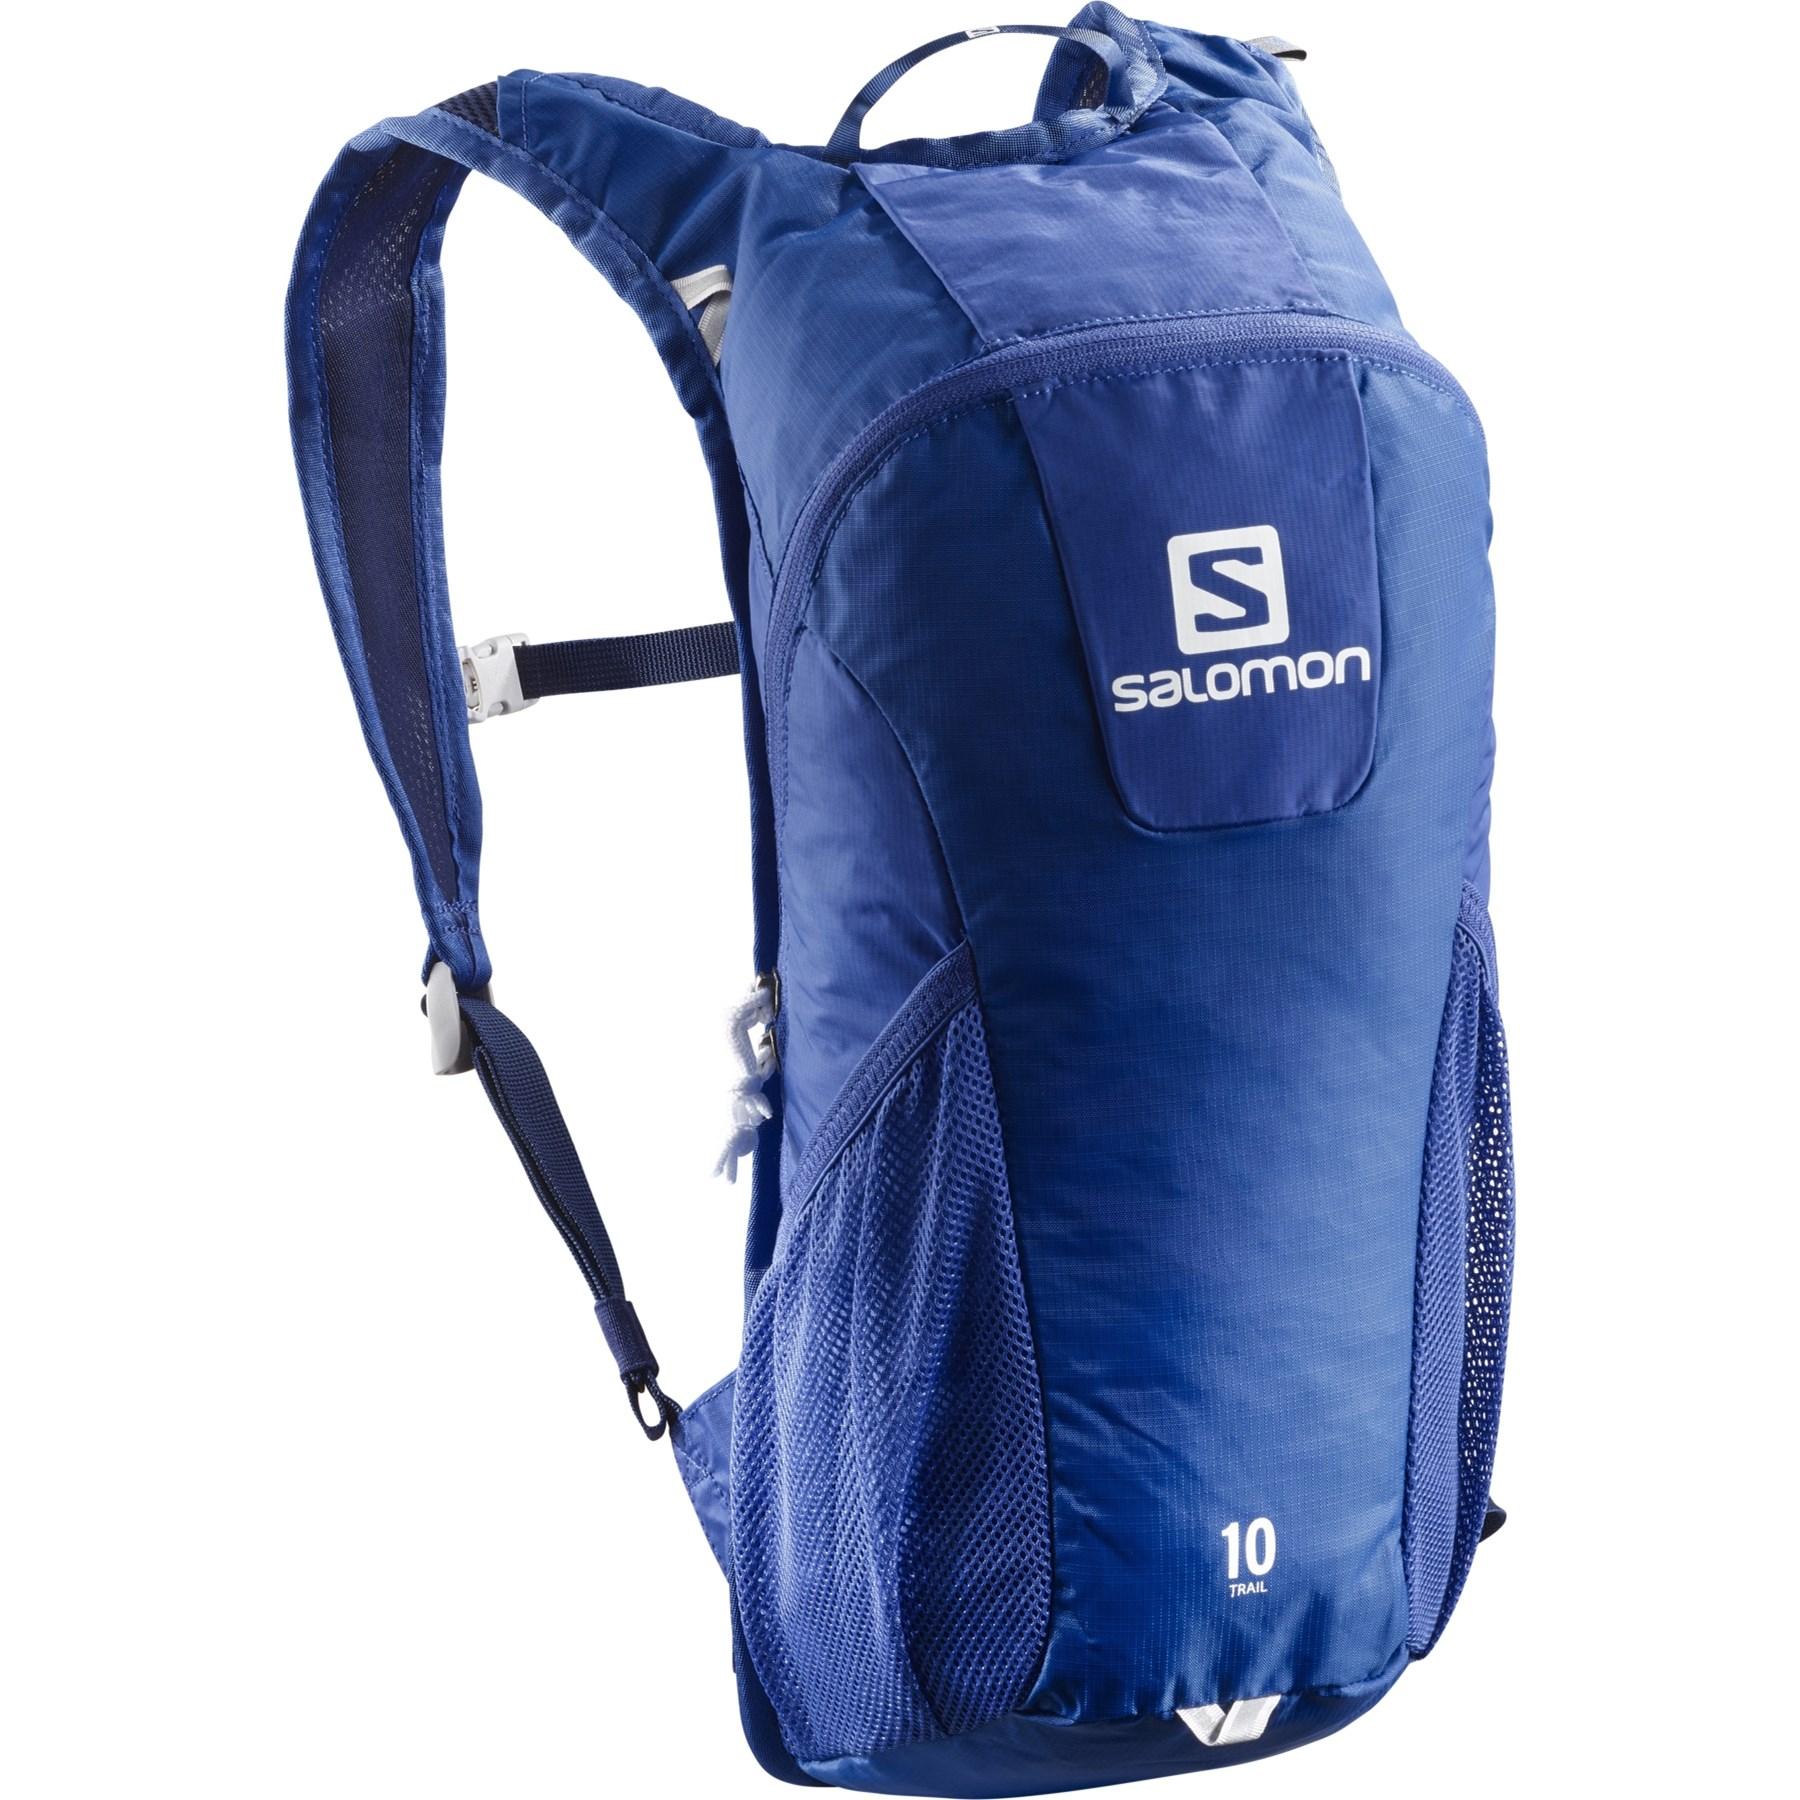 b6927f7b2ac9 Salomon Trail 20 Hiking Backpack